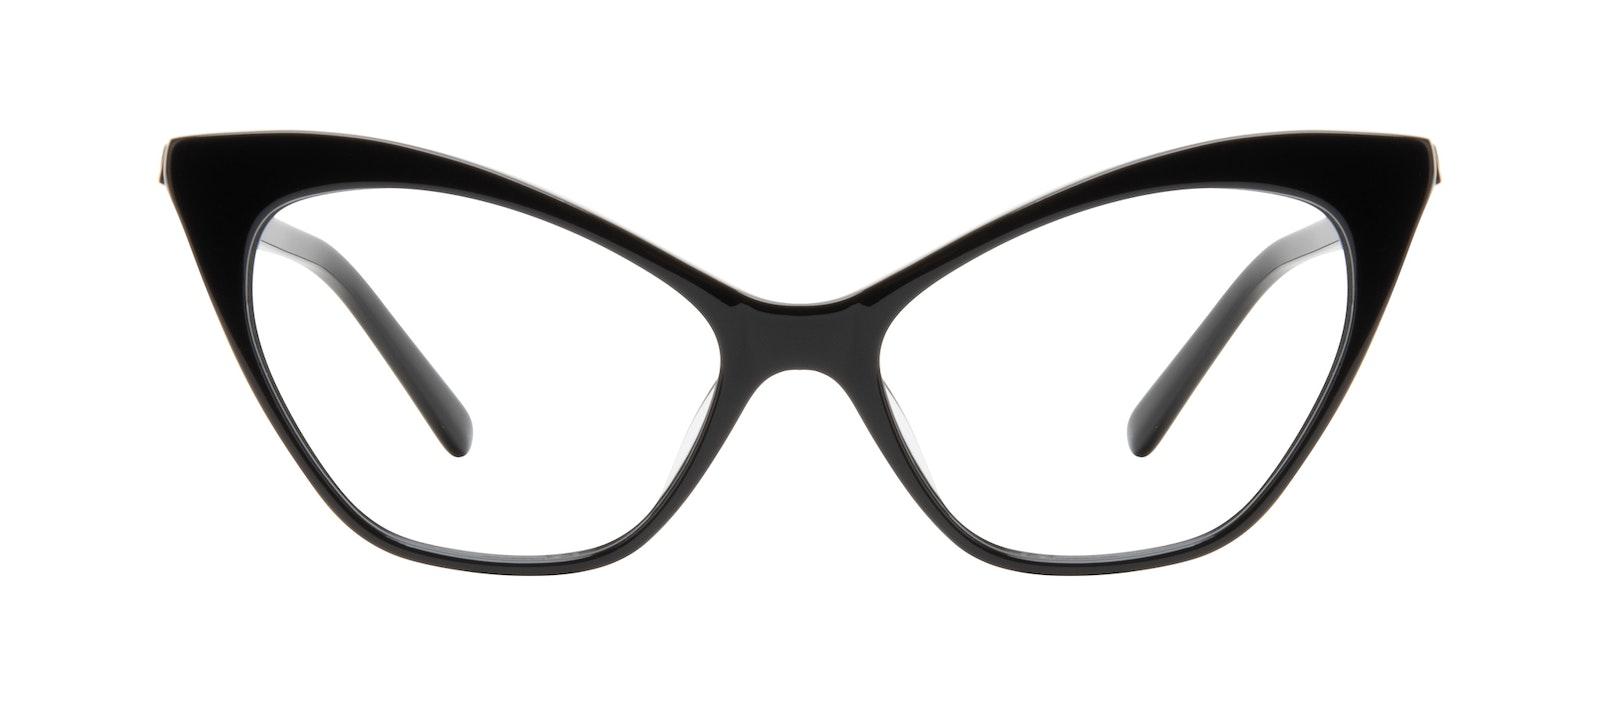 Lunettes tendance Oeil de chat Lunettes de vue Femmes Gossip Onyx Face